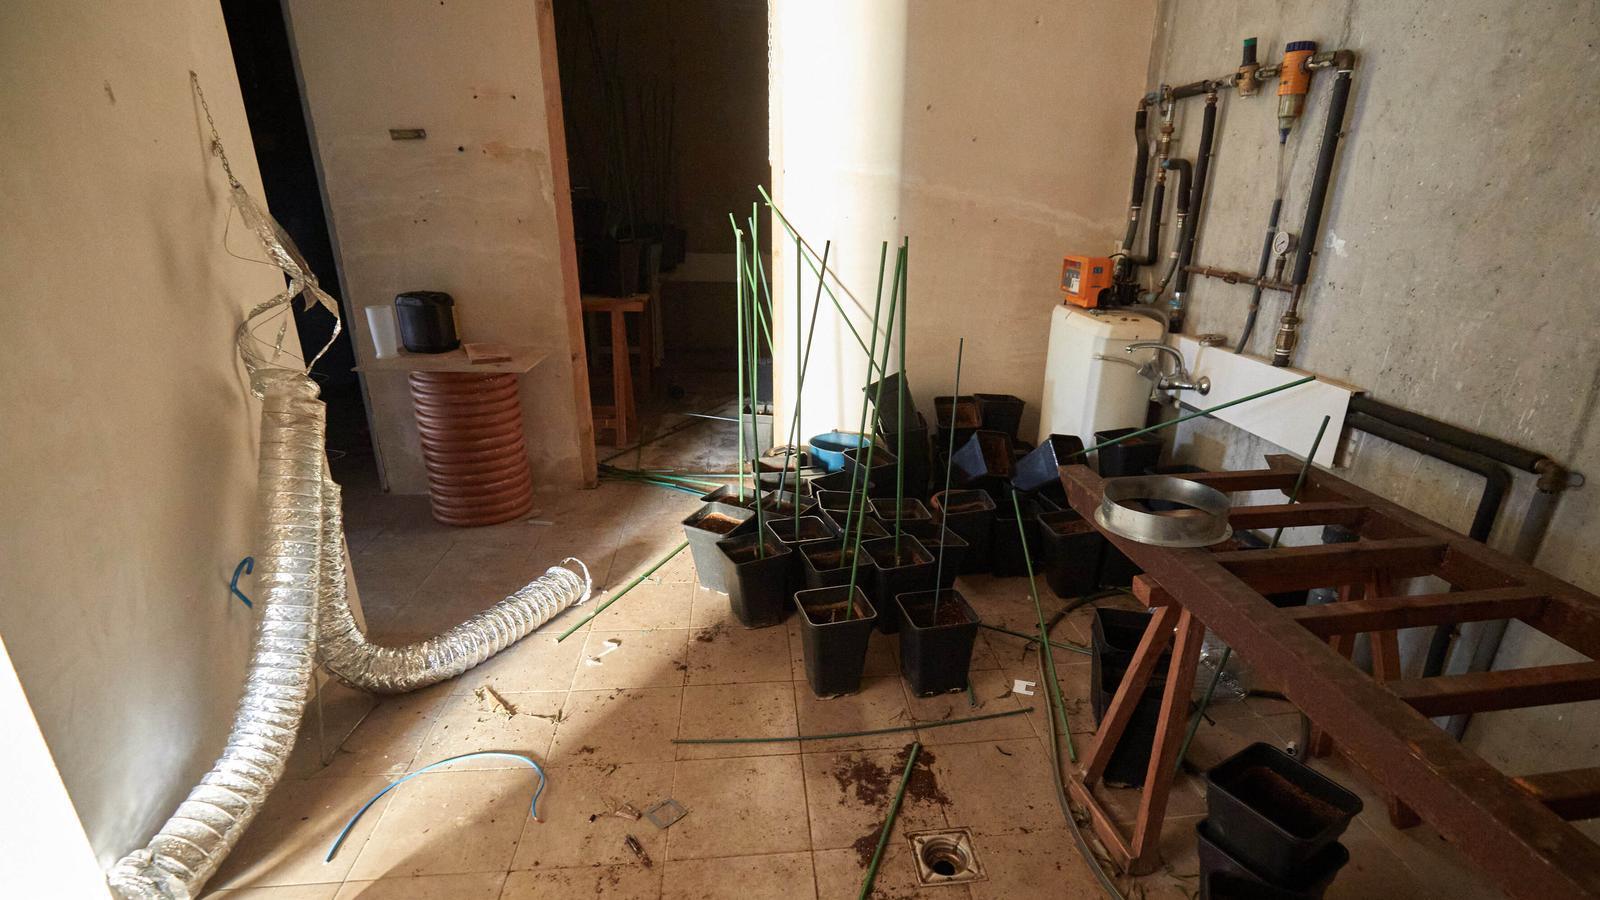 L'interior d'una casa ocupada per al cultiu de marihuana a Maçanet de la Selva / David Borrat